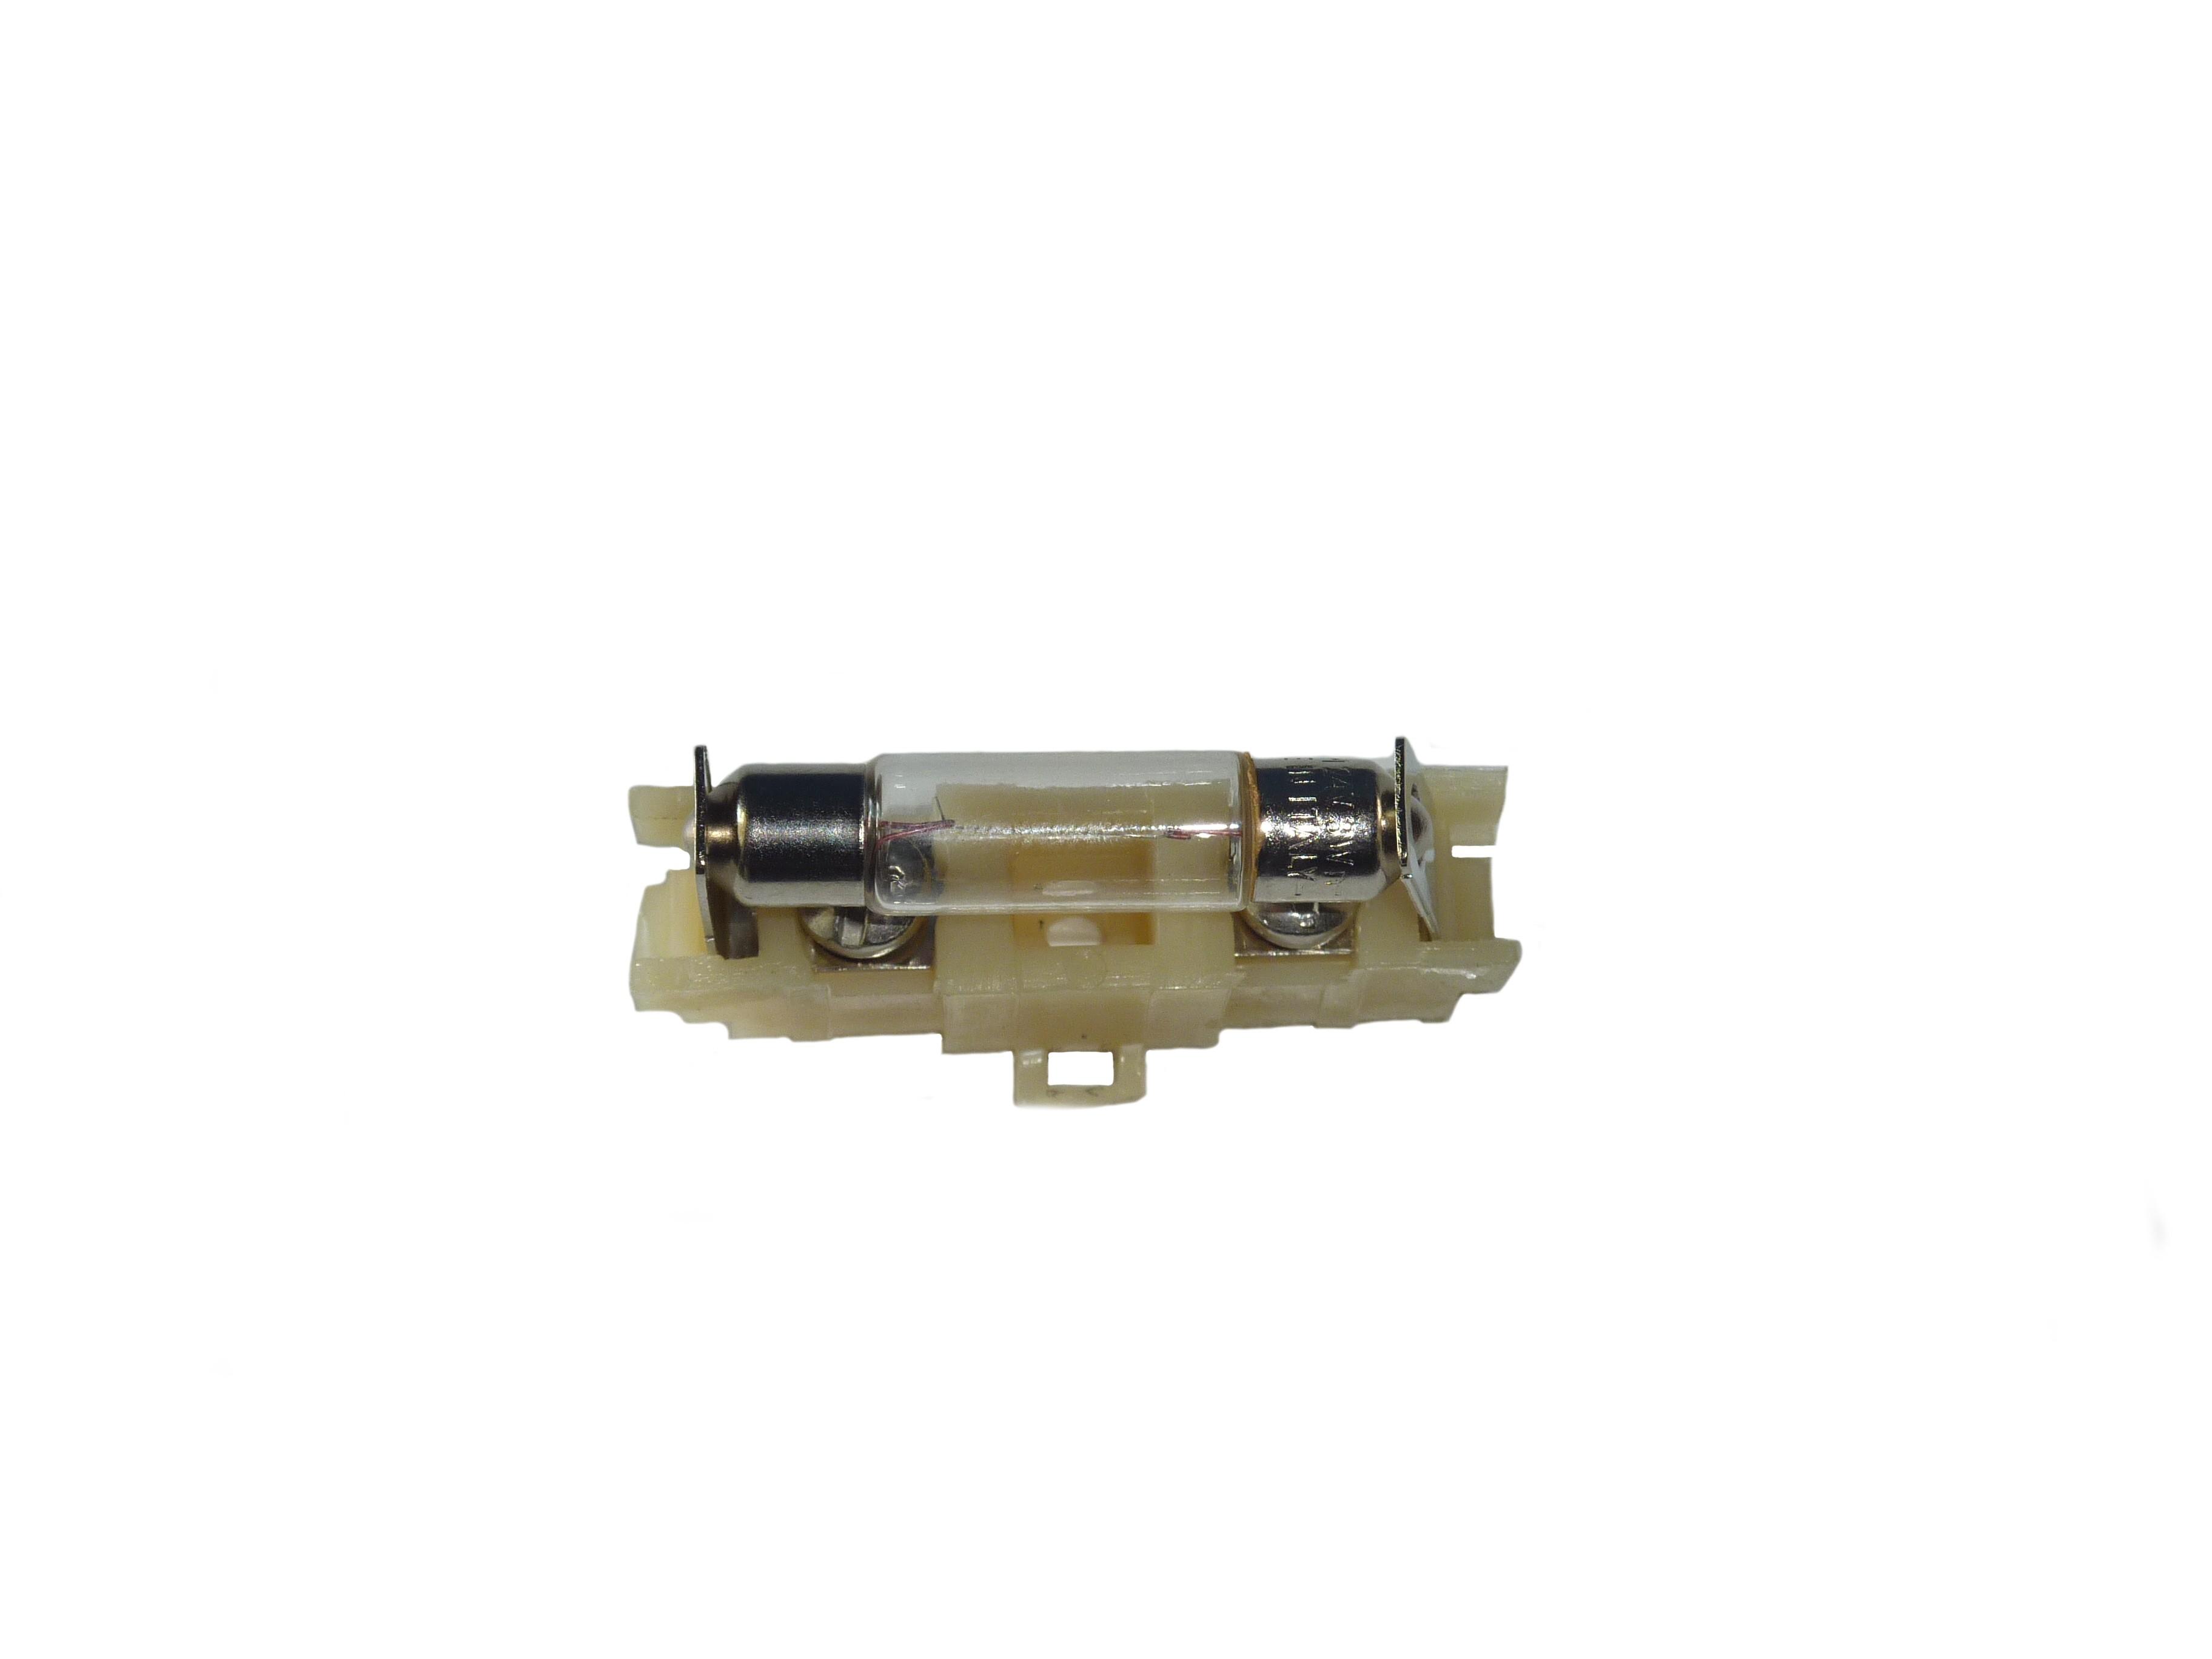 Θυρομεγαφωνο LT 2659N - Vendors